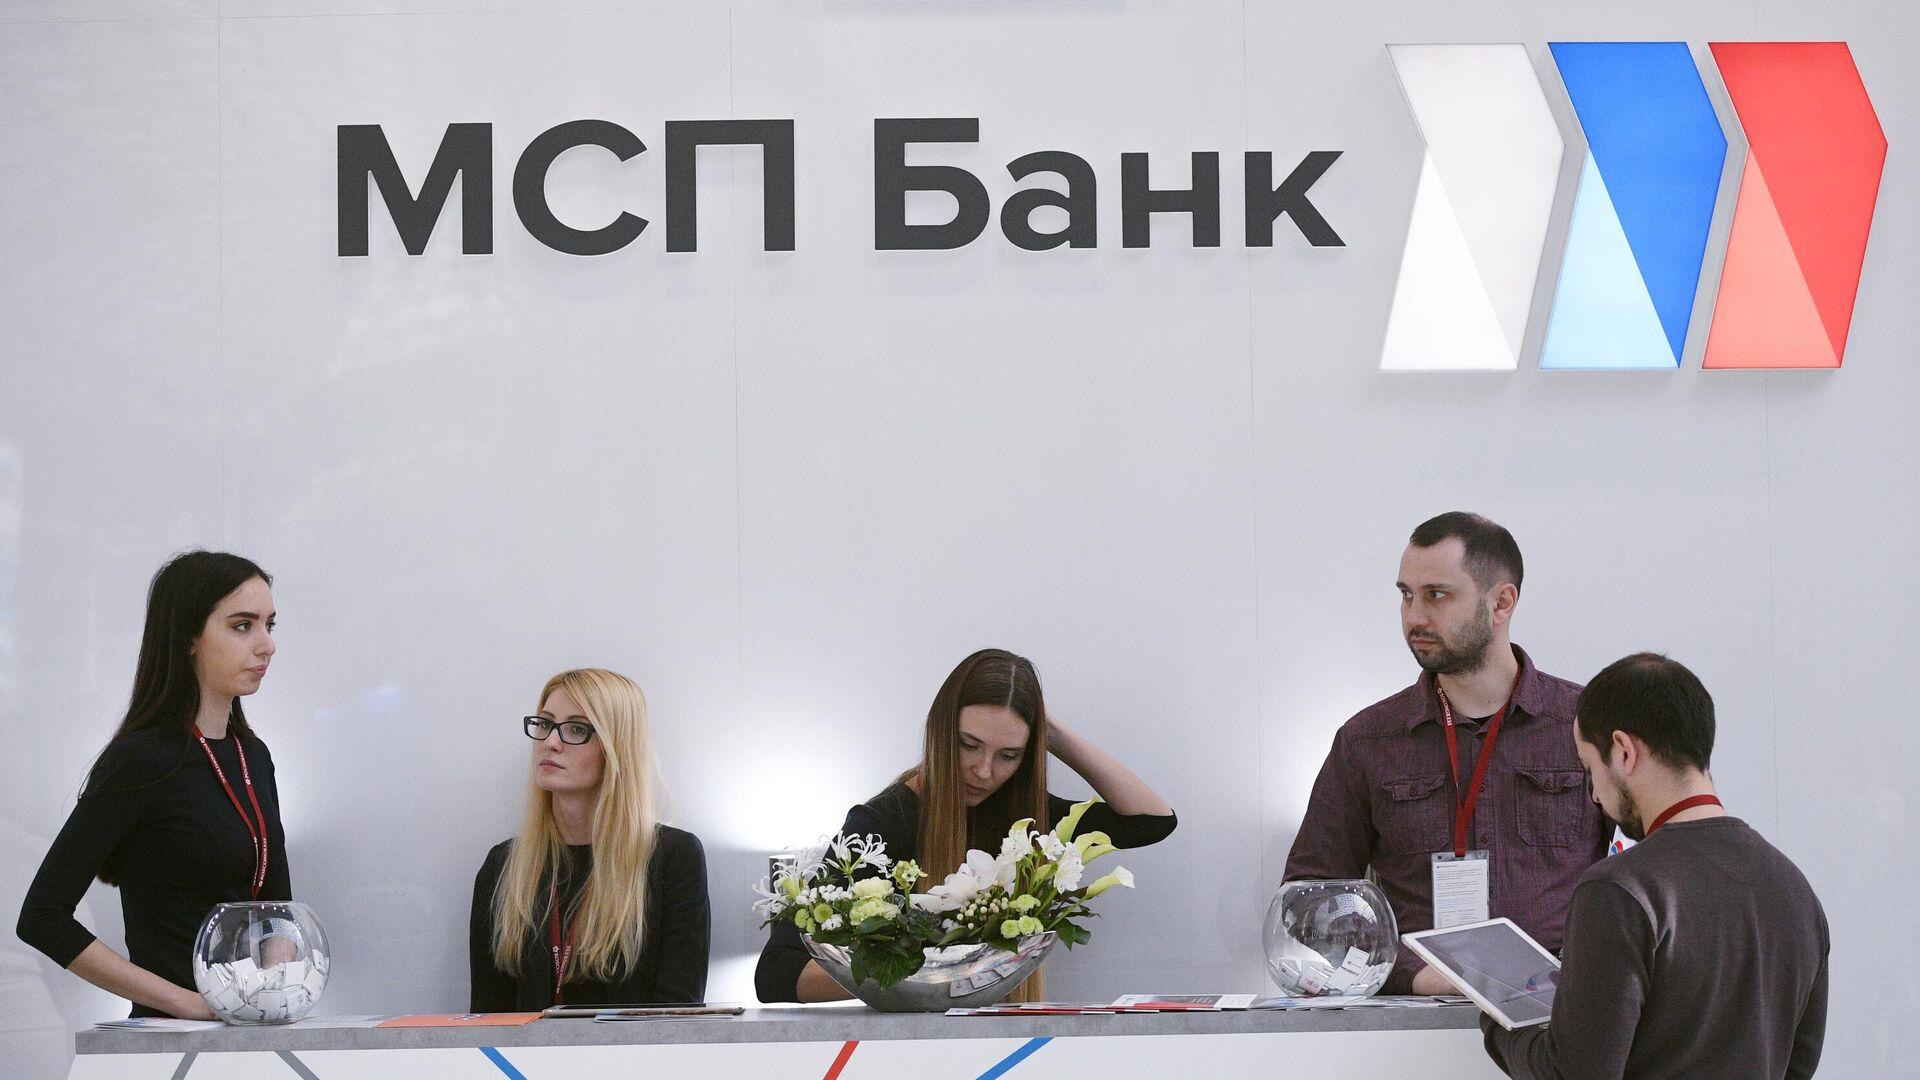 Стенд АО МСП Банк - РИА Новости, 1920, 04.03.2021